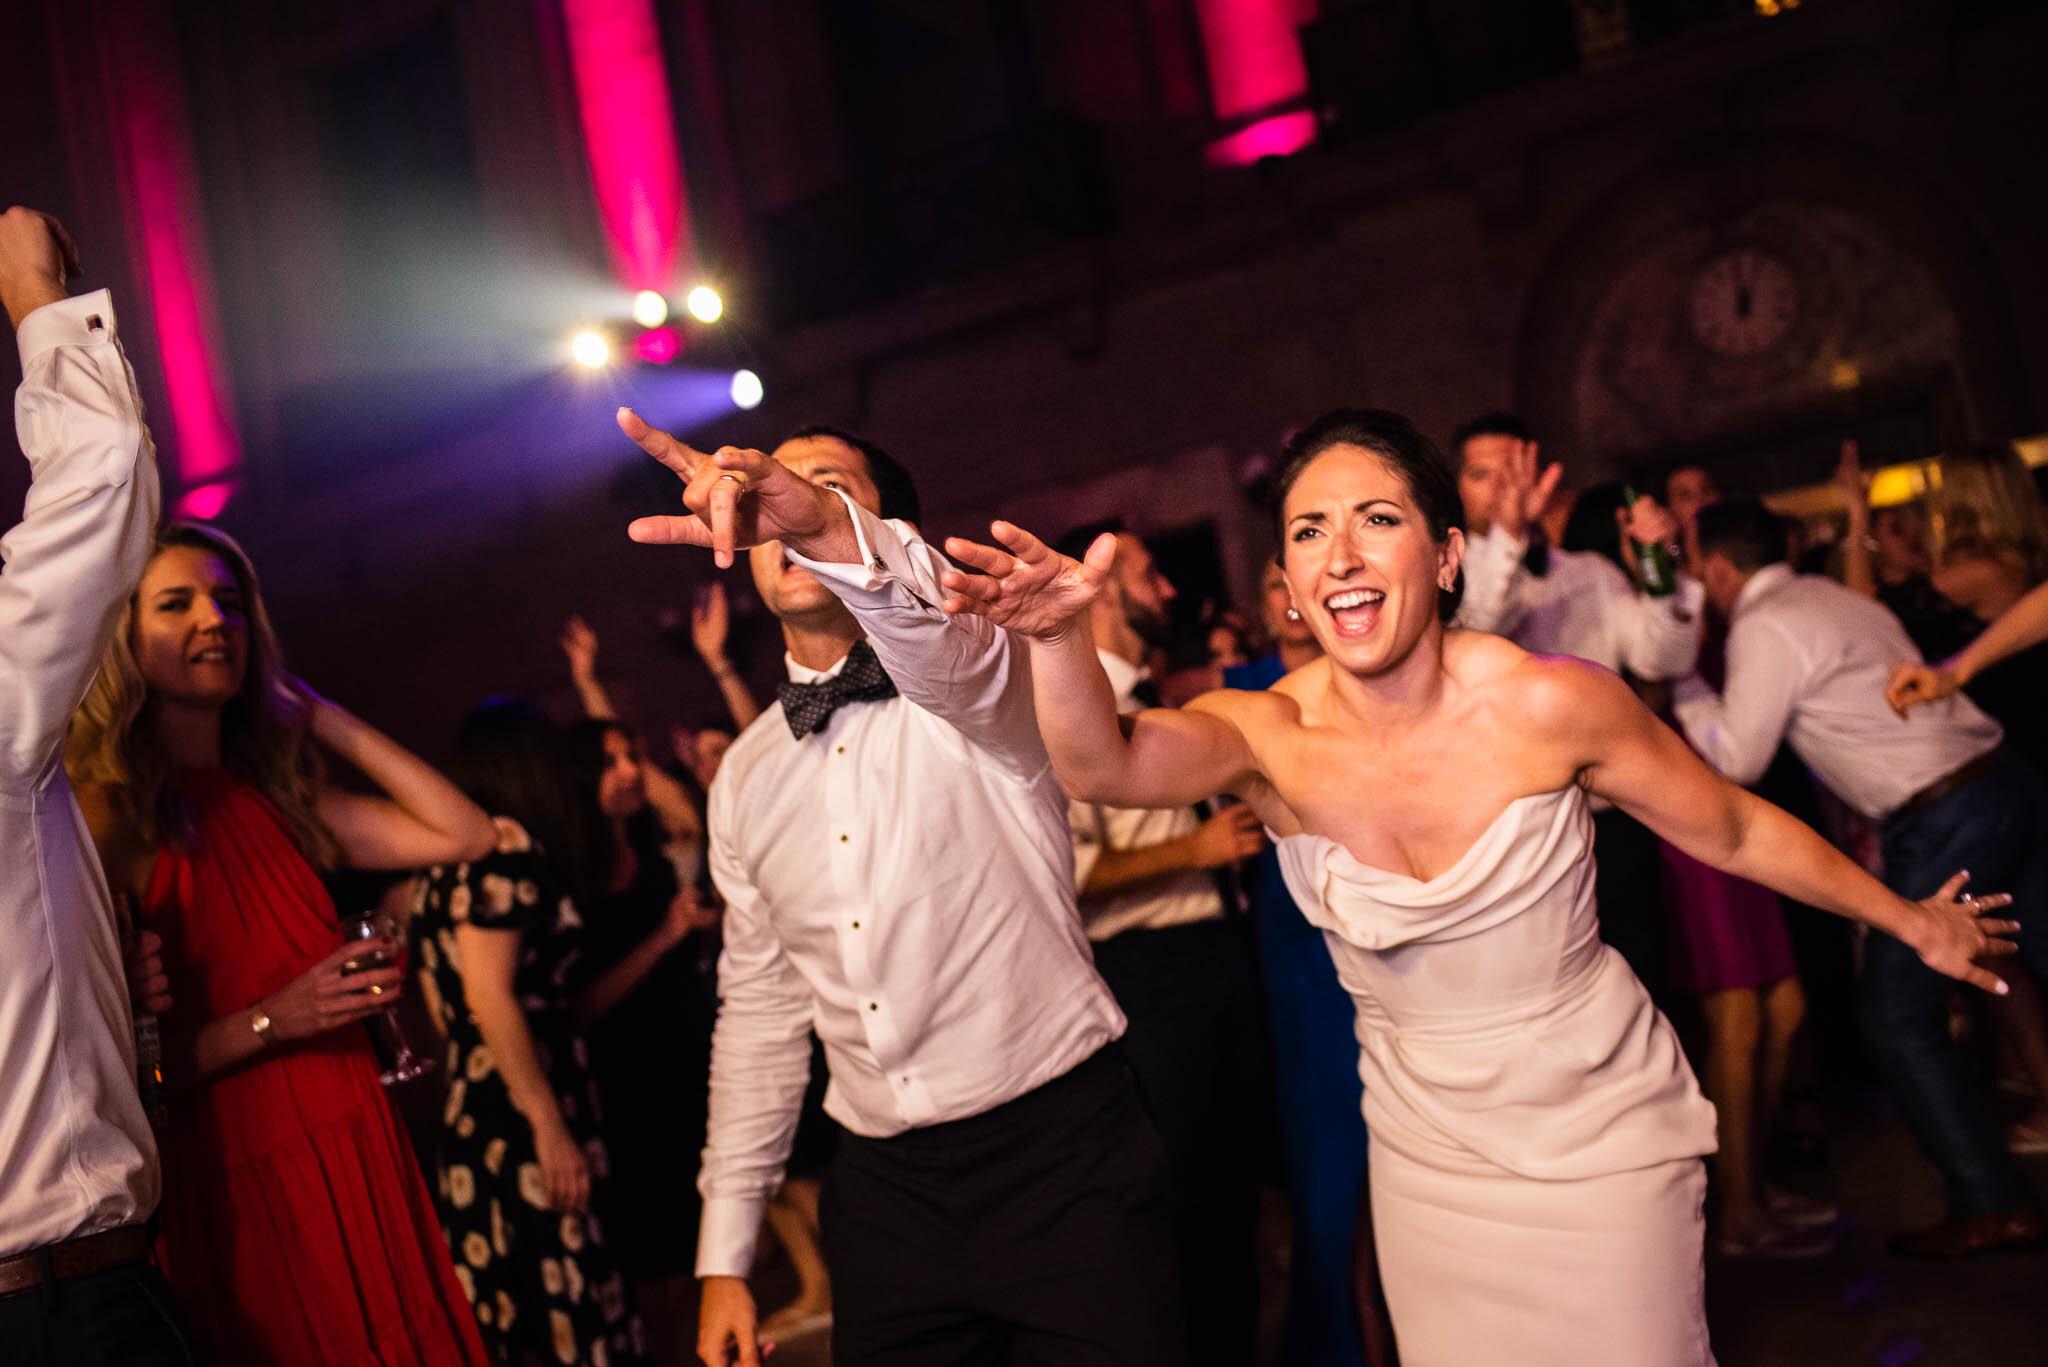 Montreal Wedding Photographer AshleyMacPhee (48 of 49).jpg